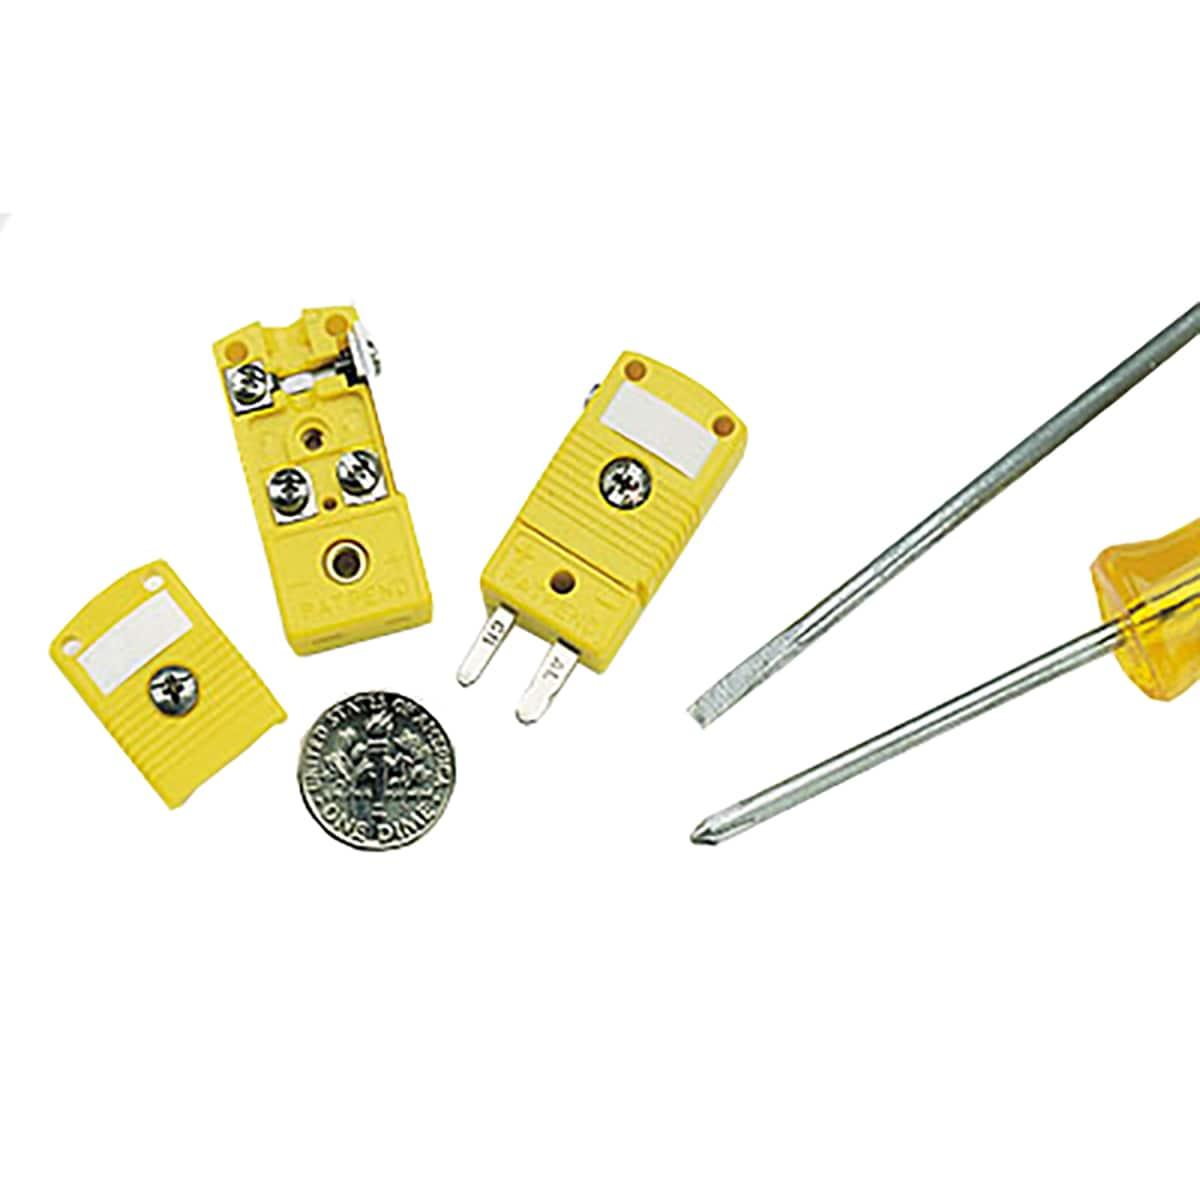 Connecteurs miniatures à faible bruit